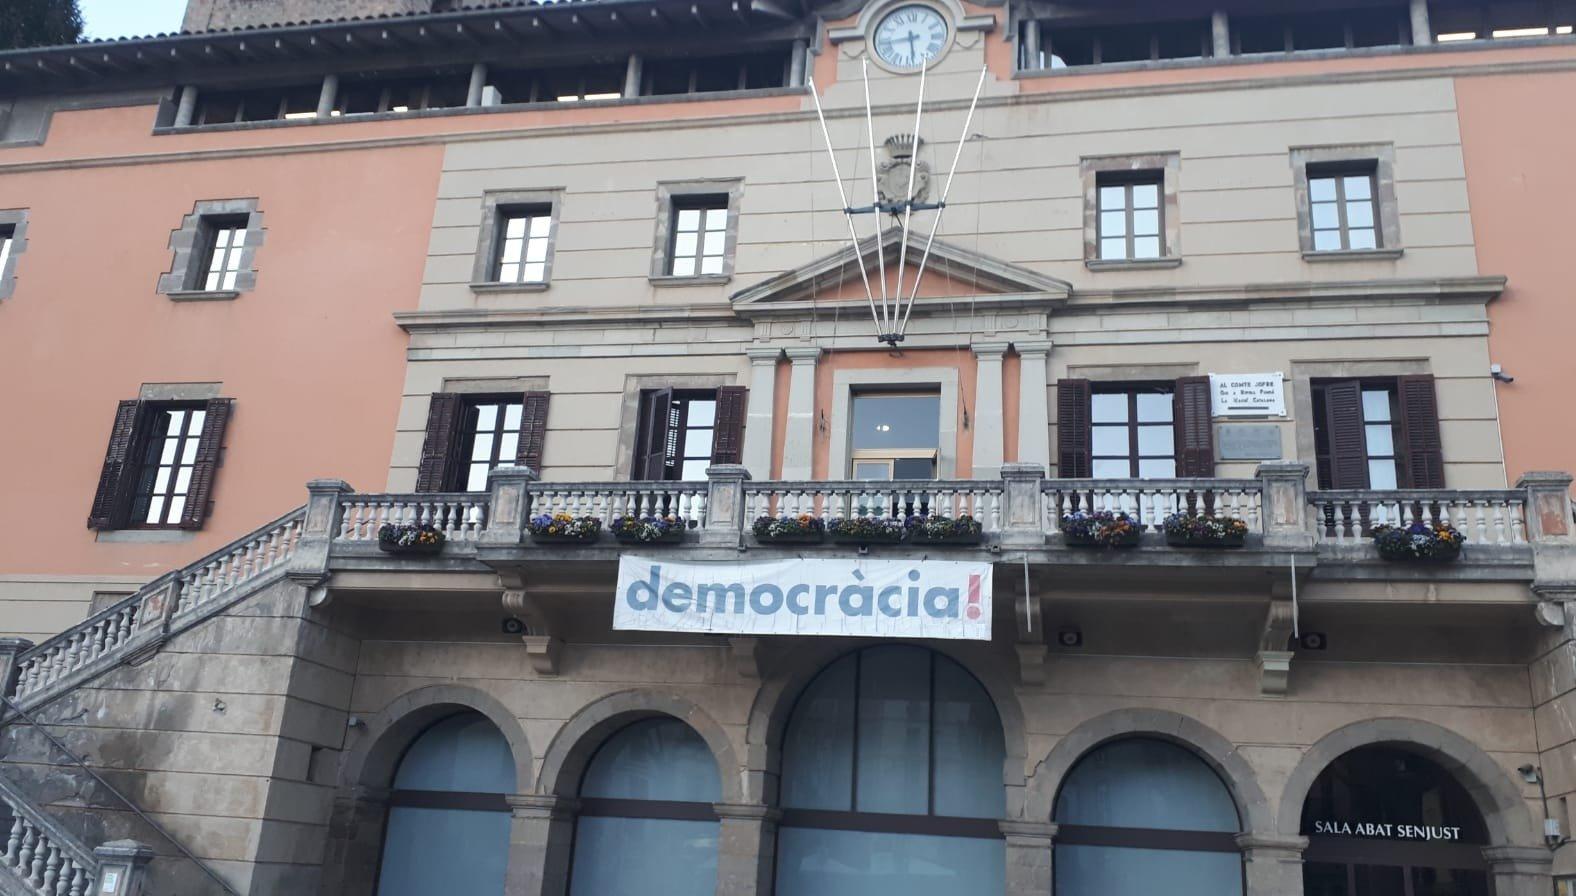 """La pancarta amb la paraula """"democràcia"""" que la junta electoral obliga a retirar de l'Ajuntament de Ripoll / @jordimunell"""